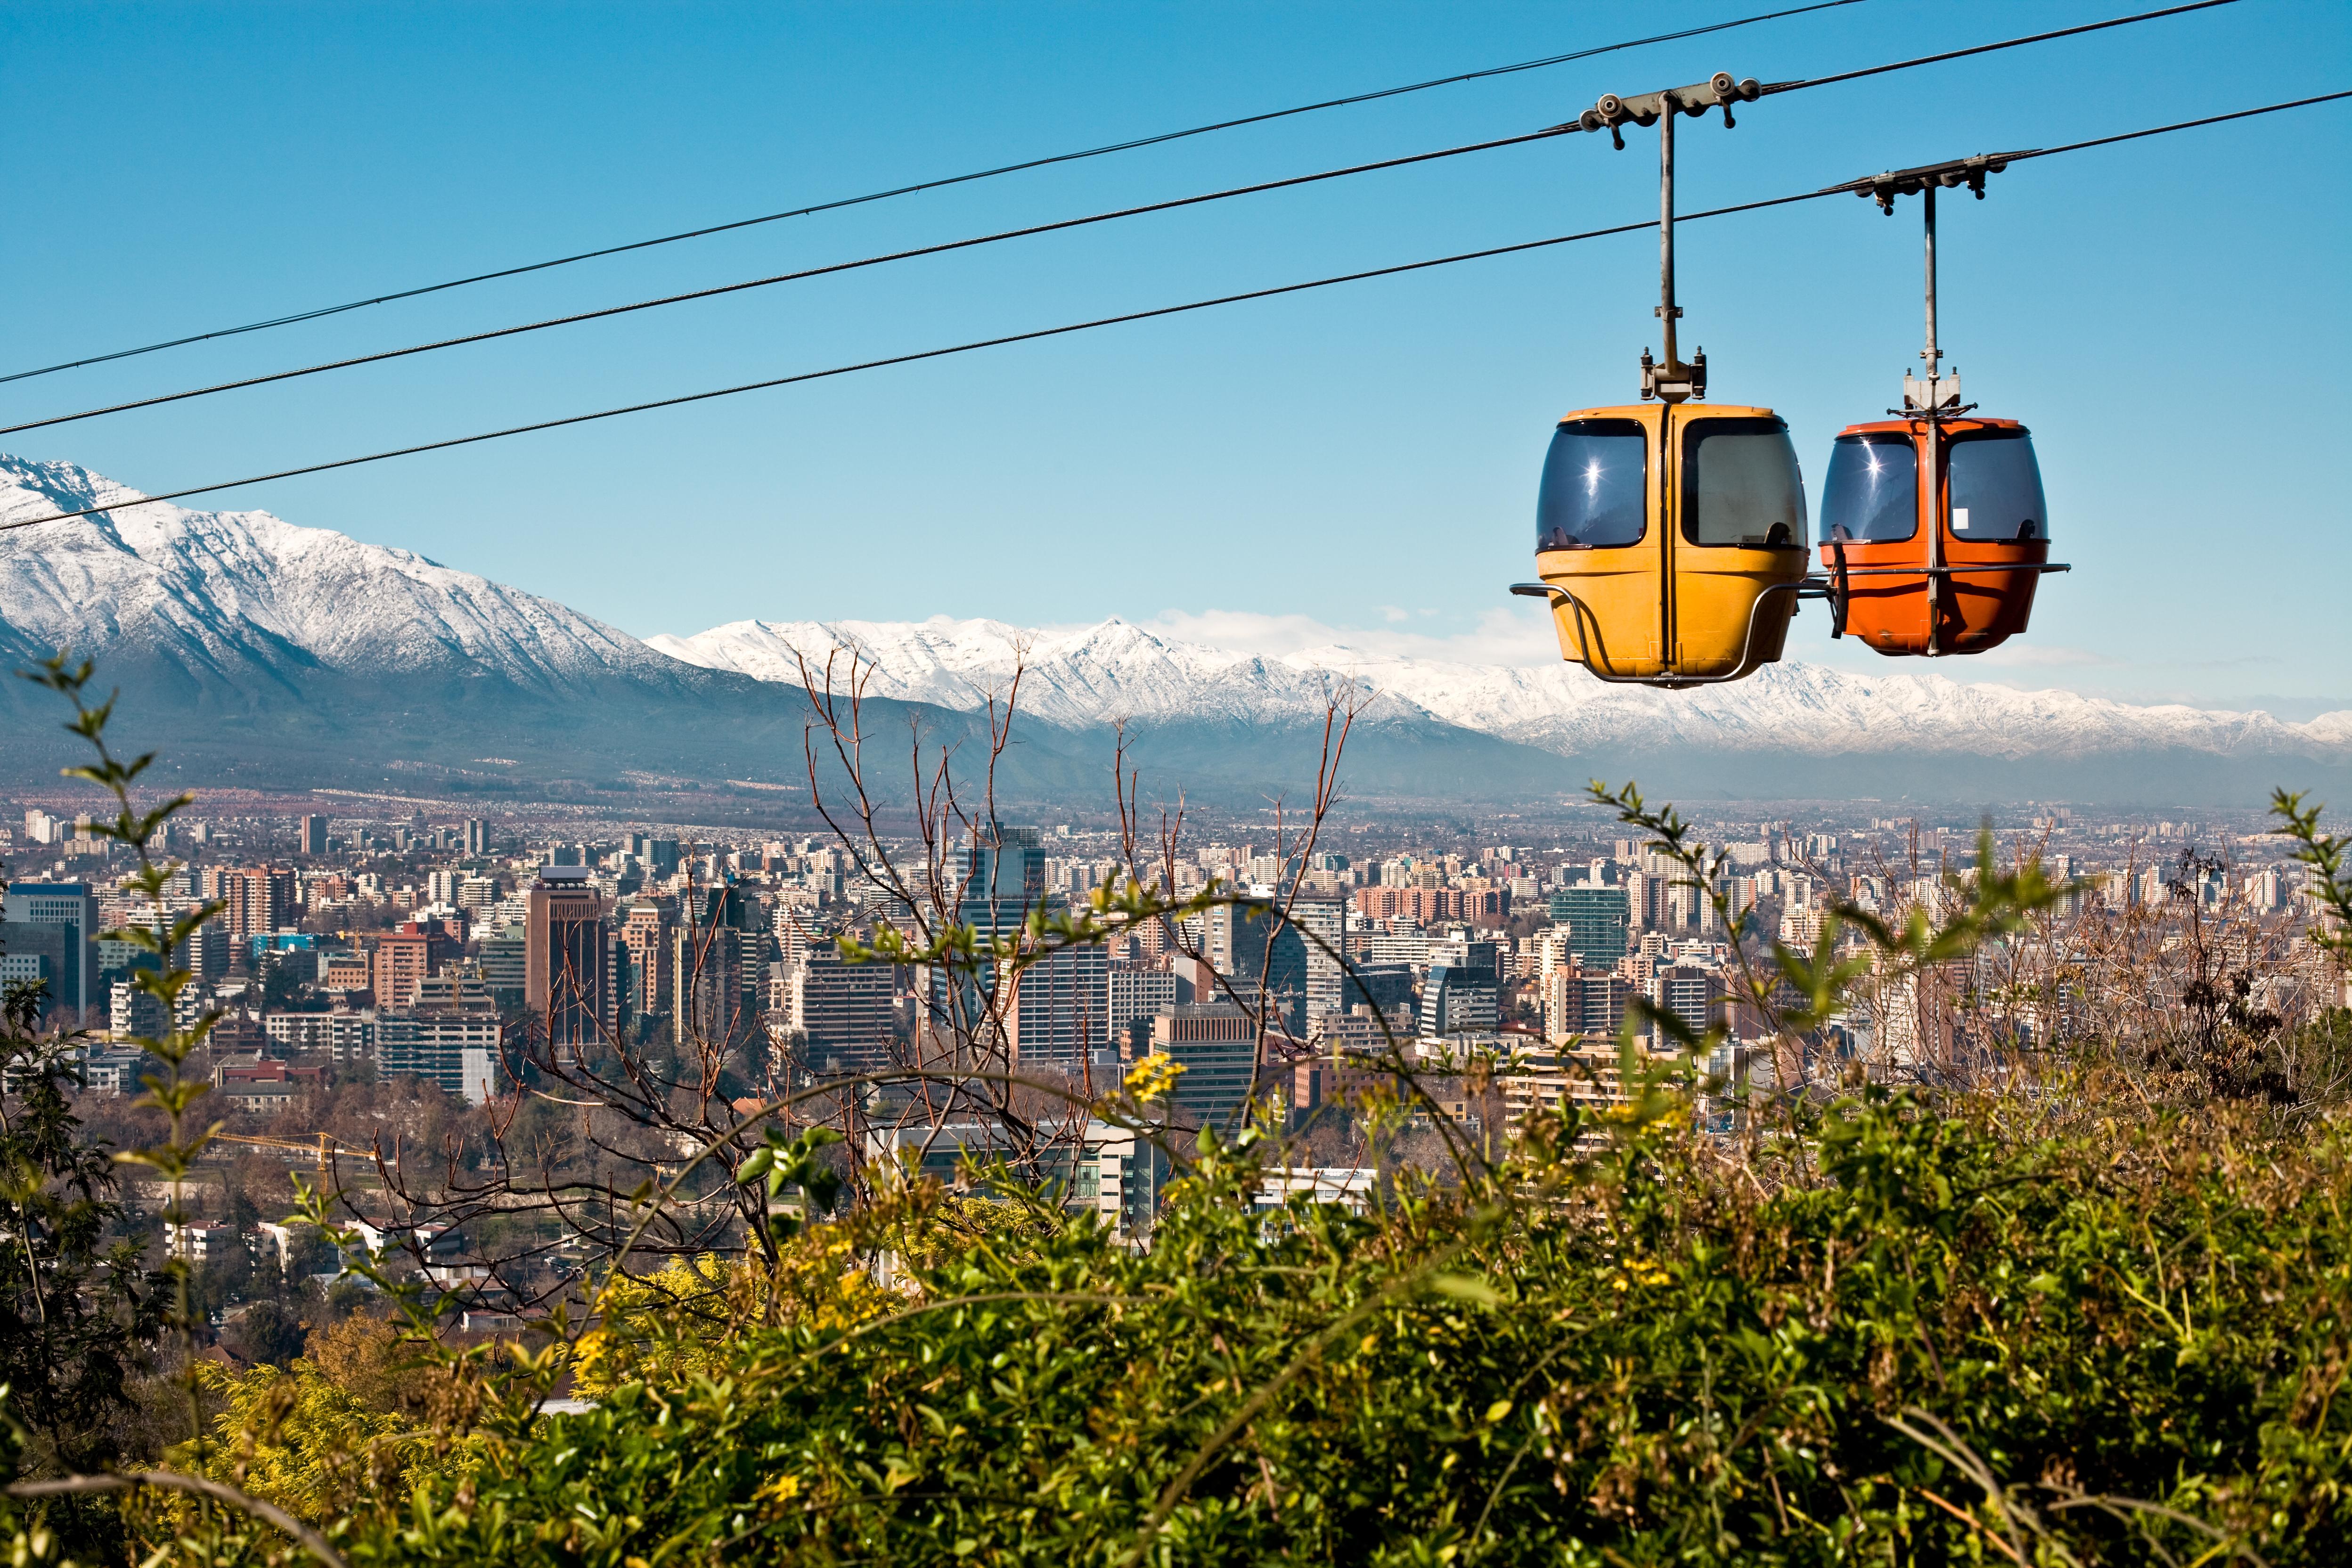 Městská lanovka – efektivní způsob přepravy